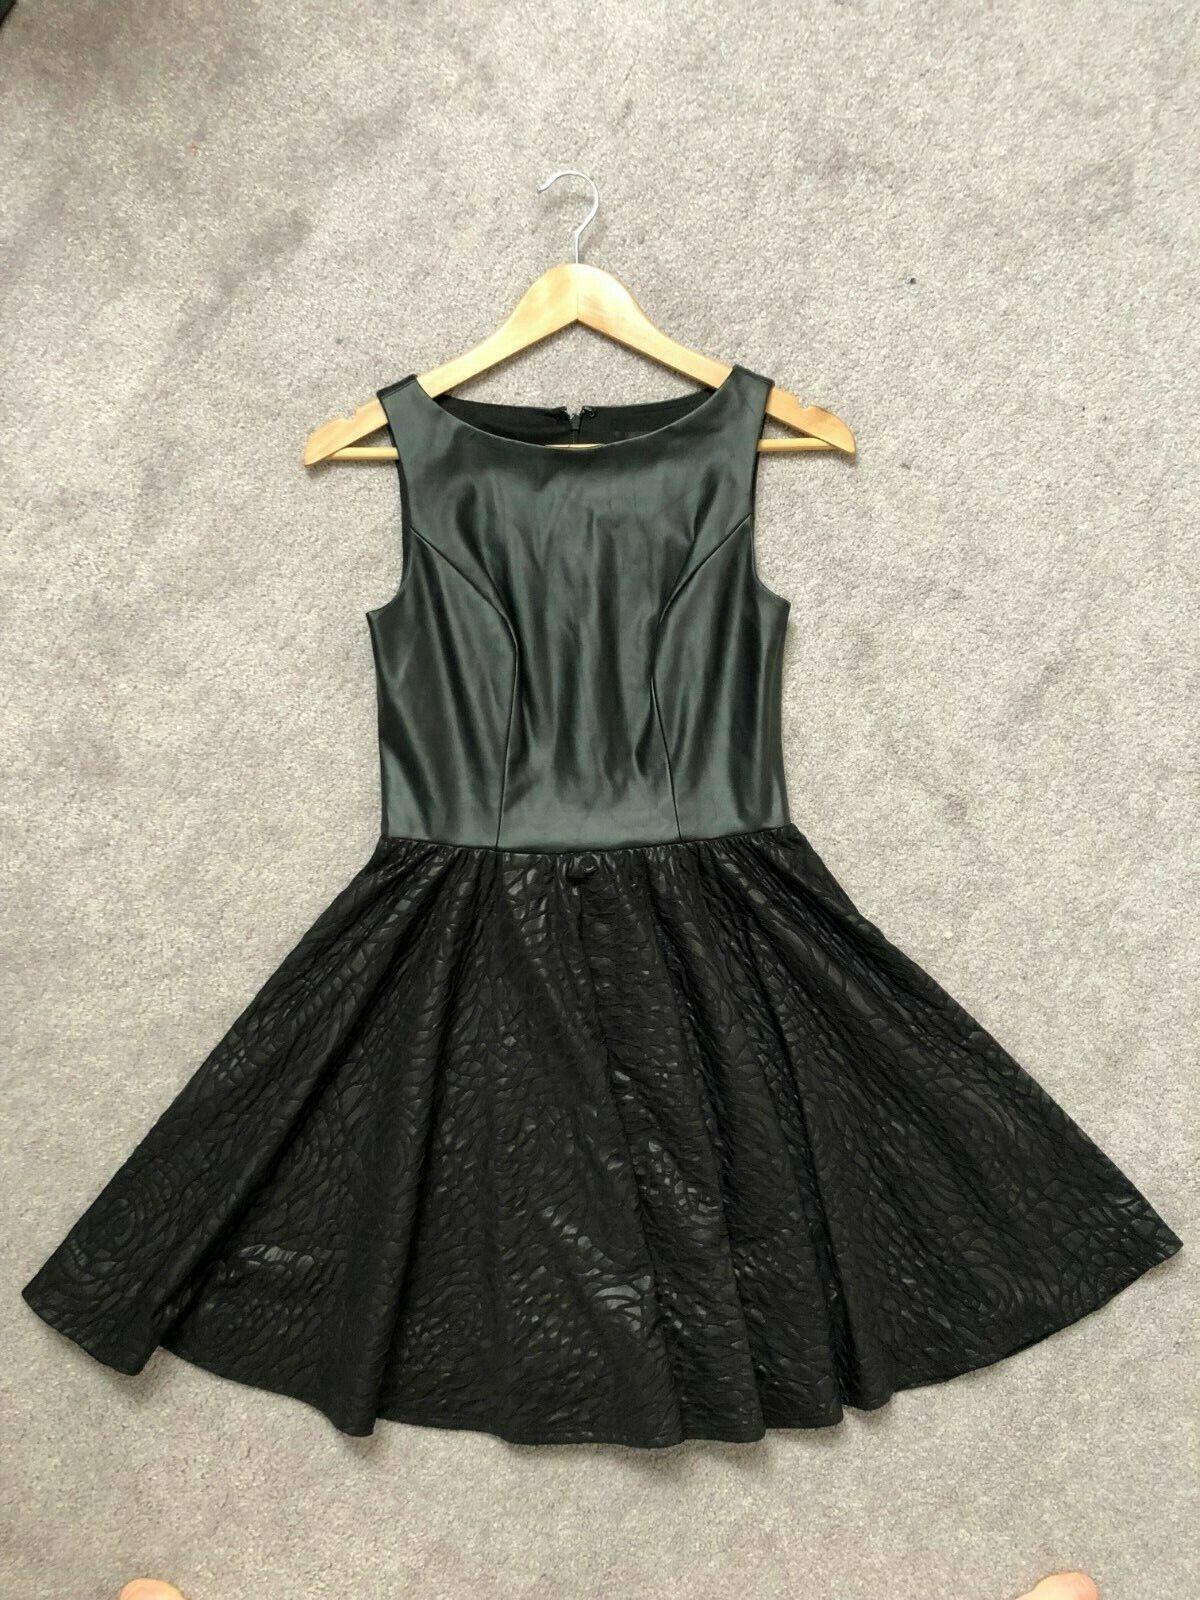 ALEXIA ADMOR Little schwarz Dress Faux Leather A-line Goth Punk Rosa Floral  sz XS